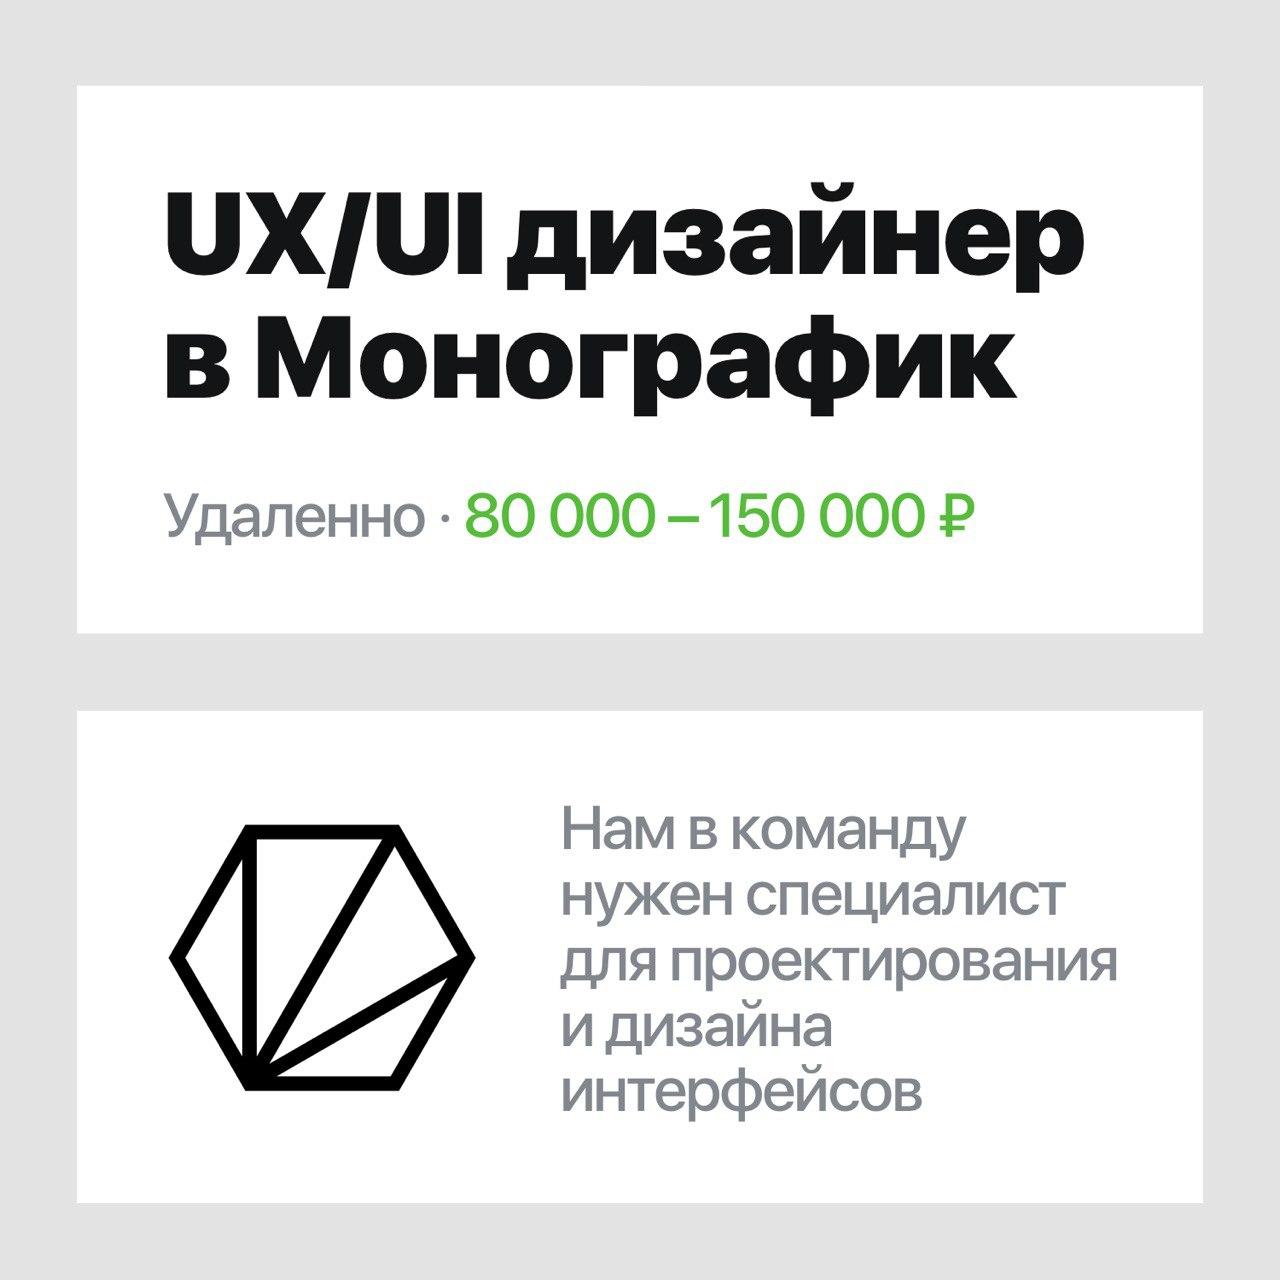 работа дизайнер удаленно новосибирск